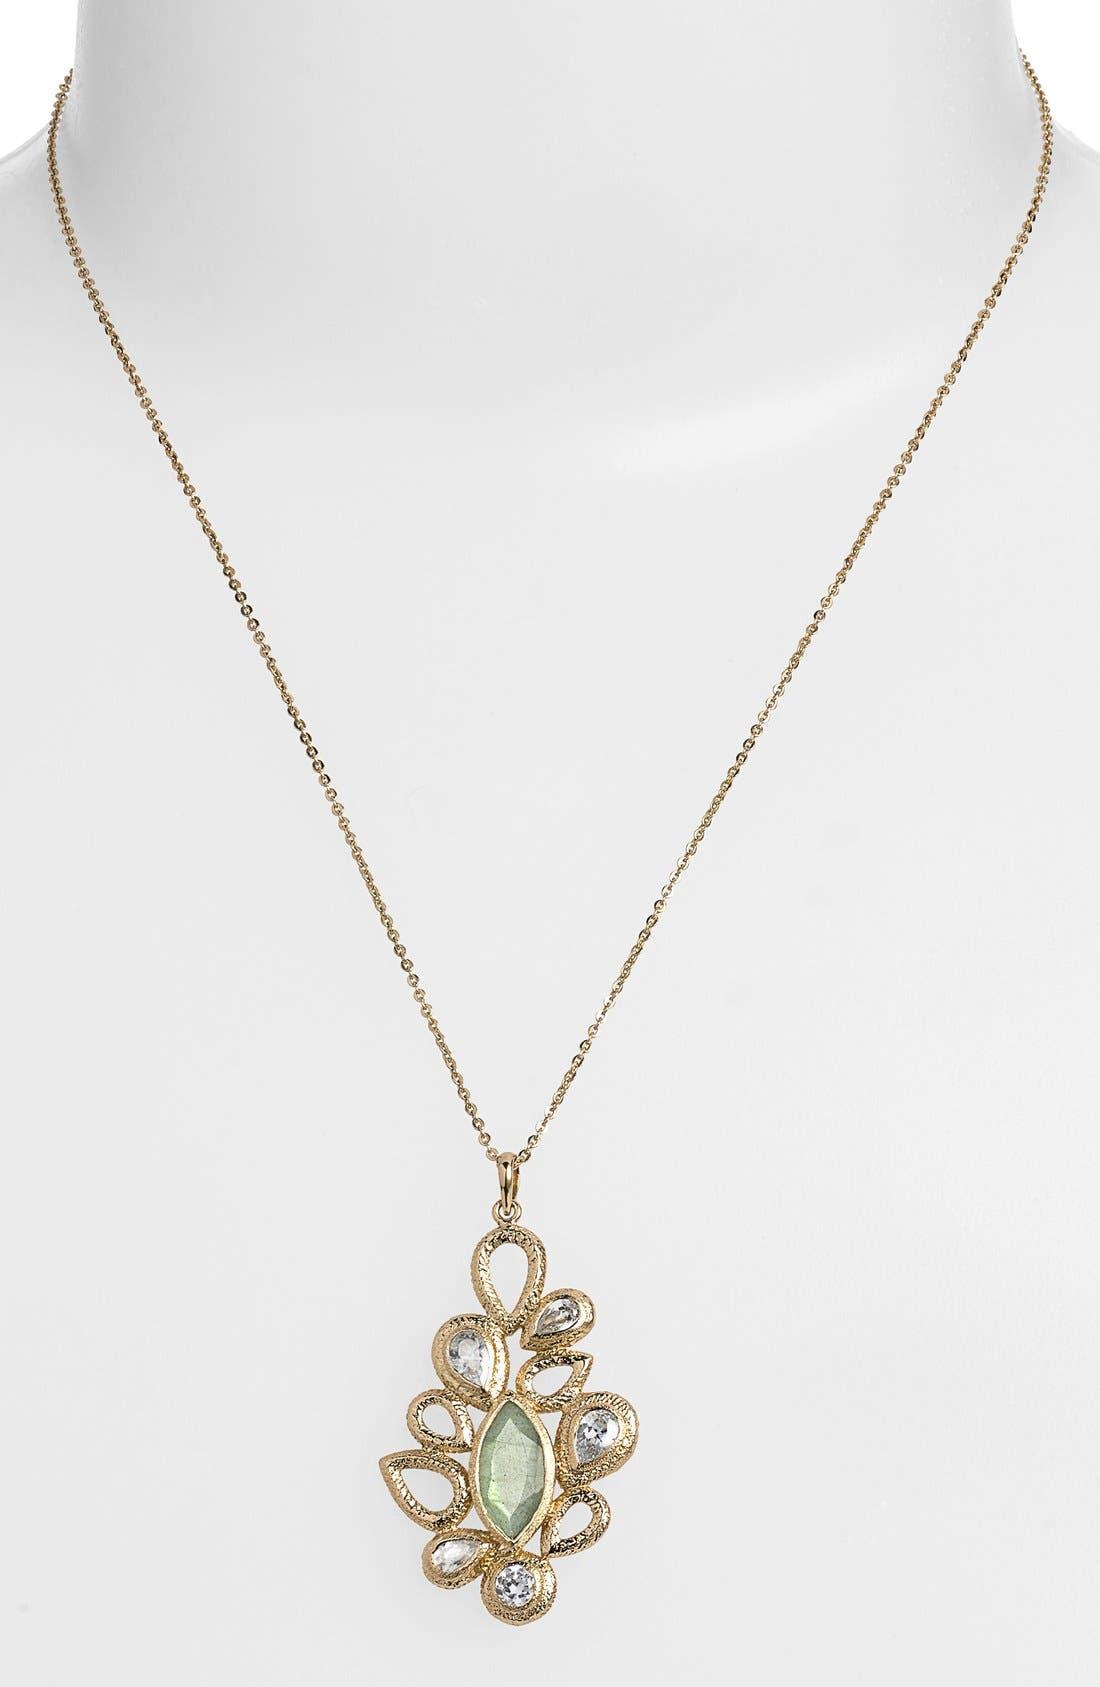 Main Image - Melinda Maria 'Theo' Pod Pendant Necklace